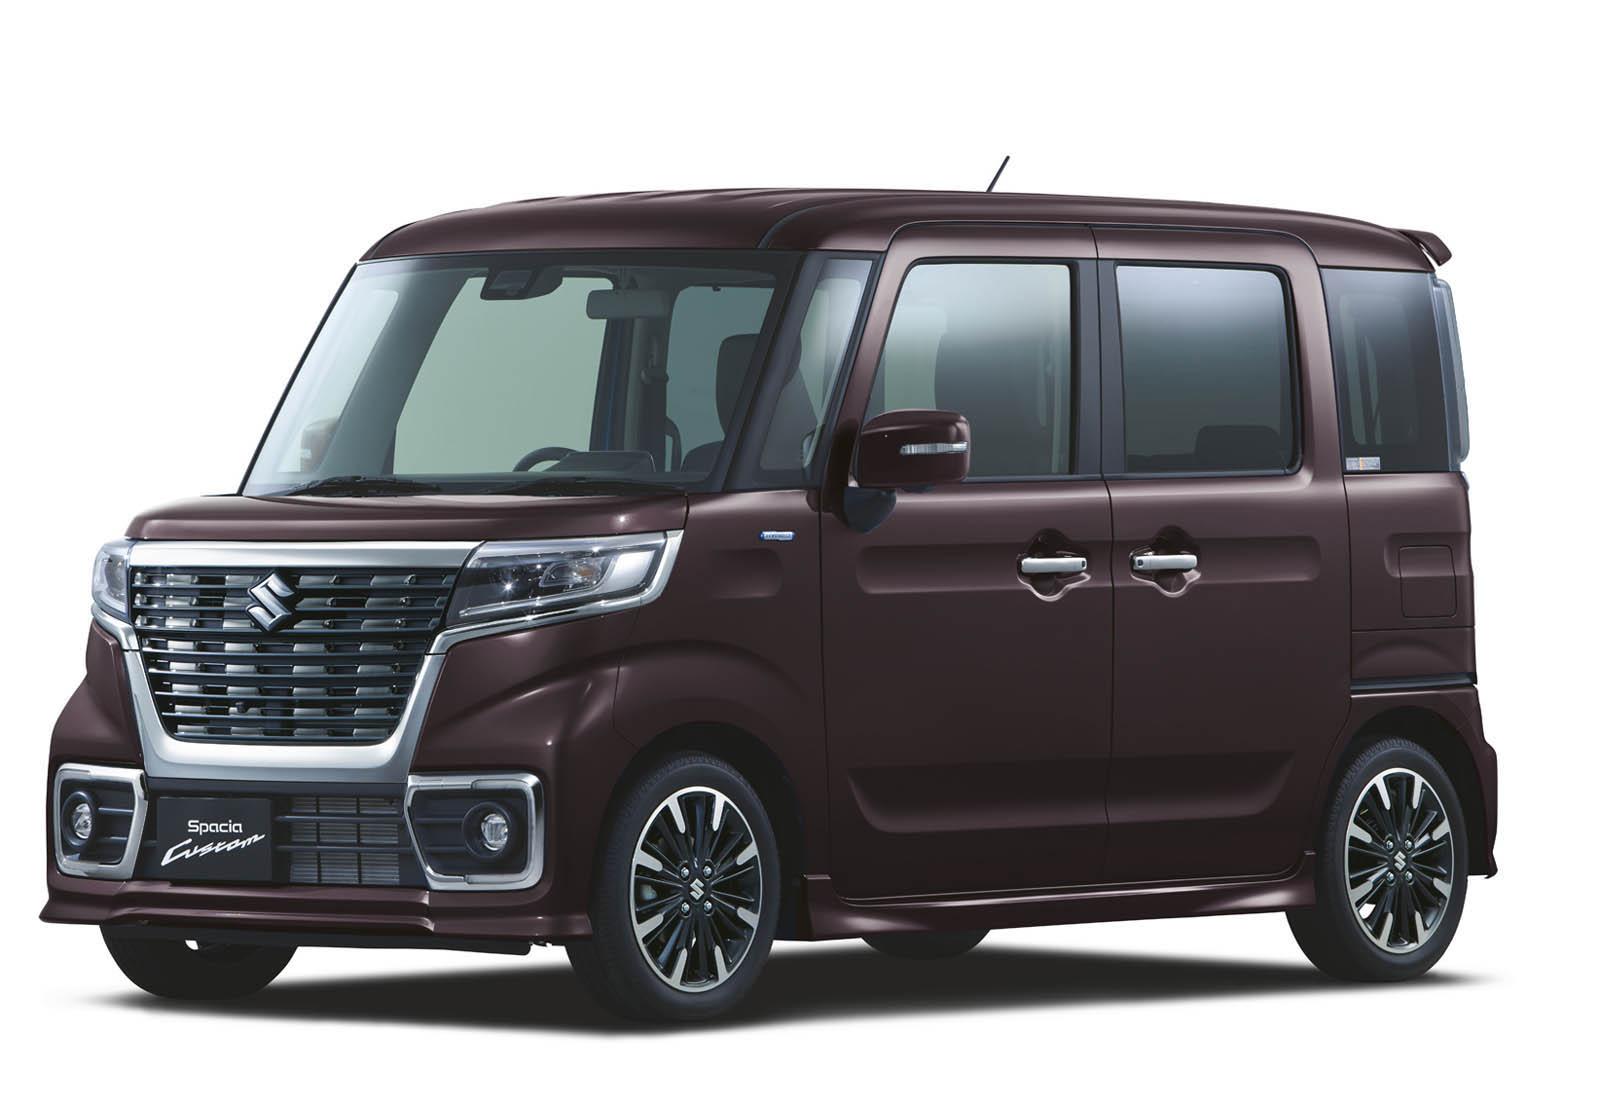 Suzuki Spacia 2018 (30)